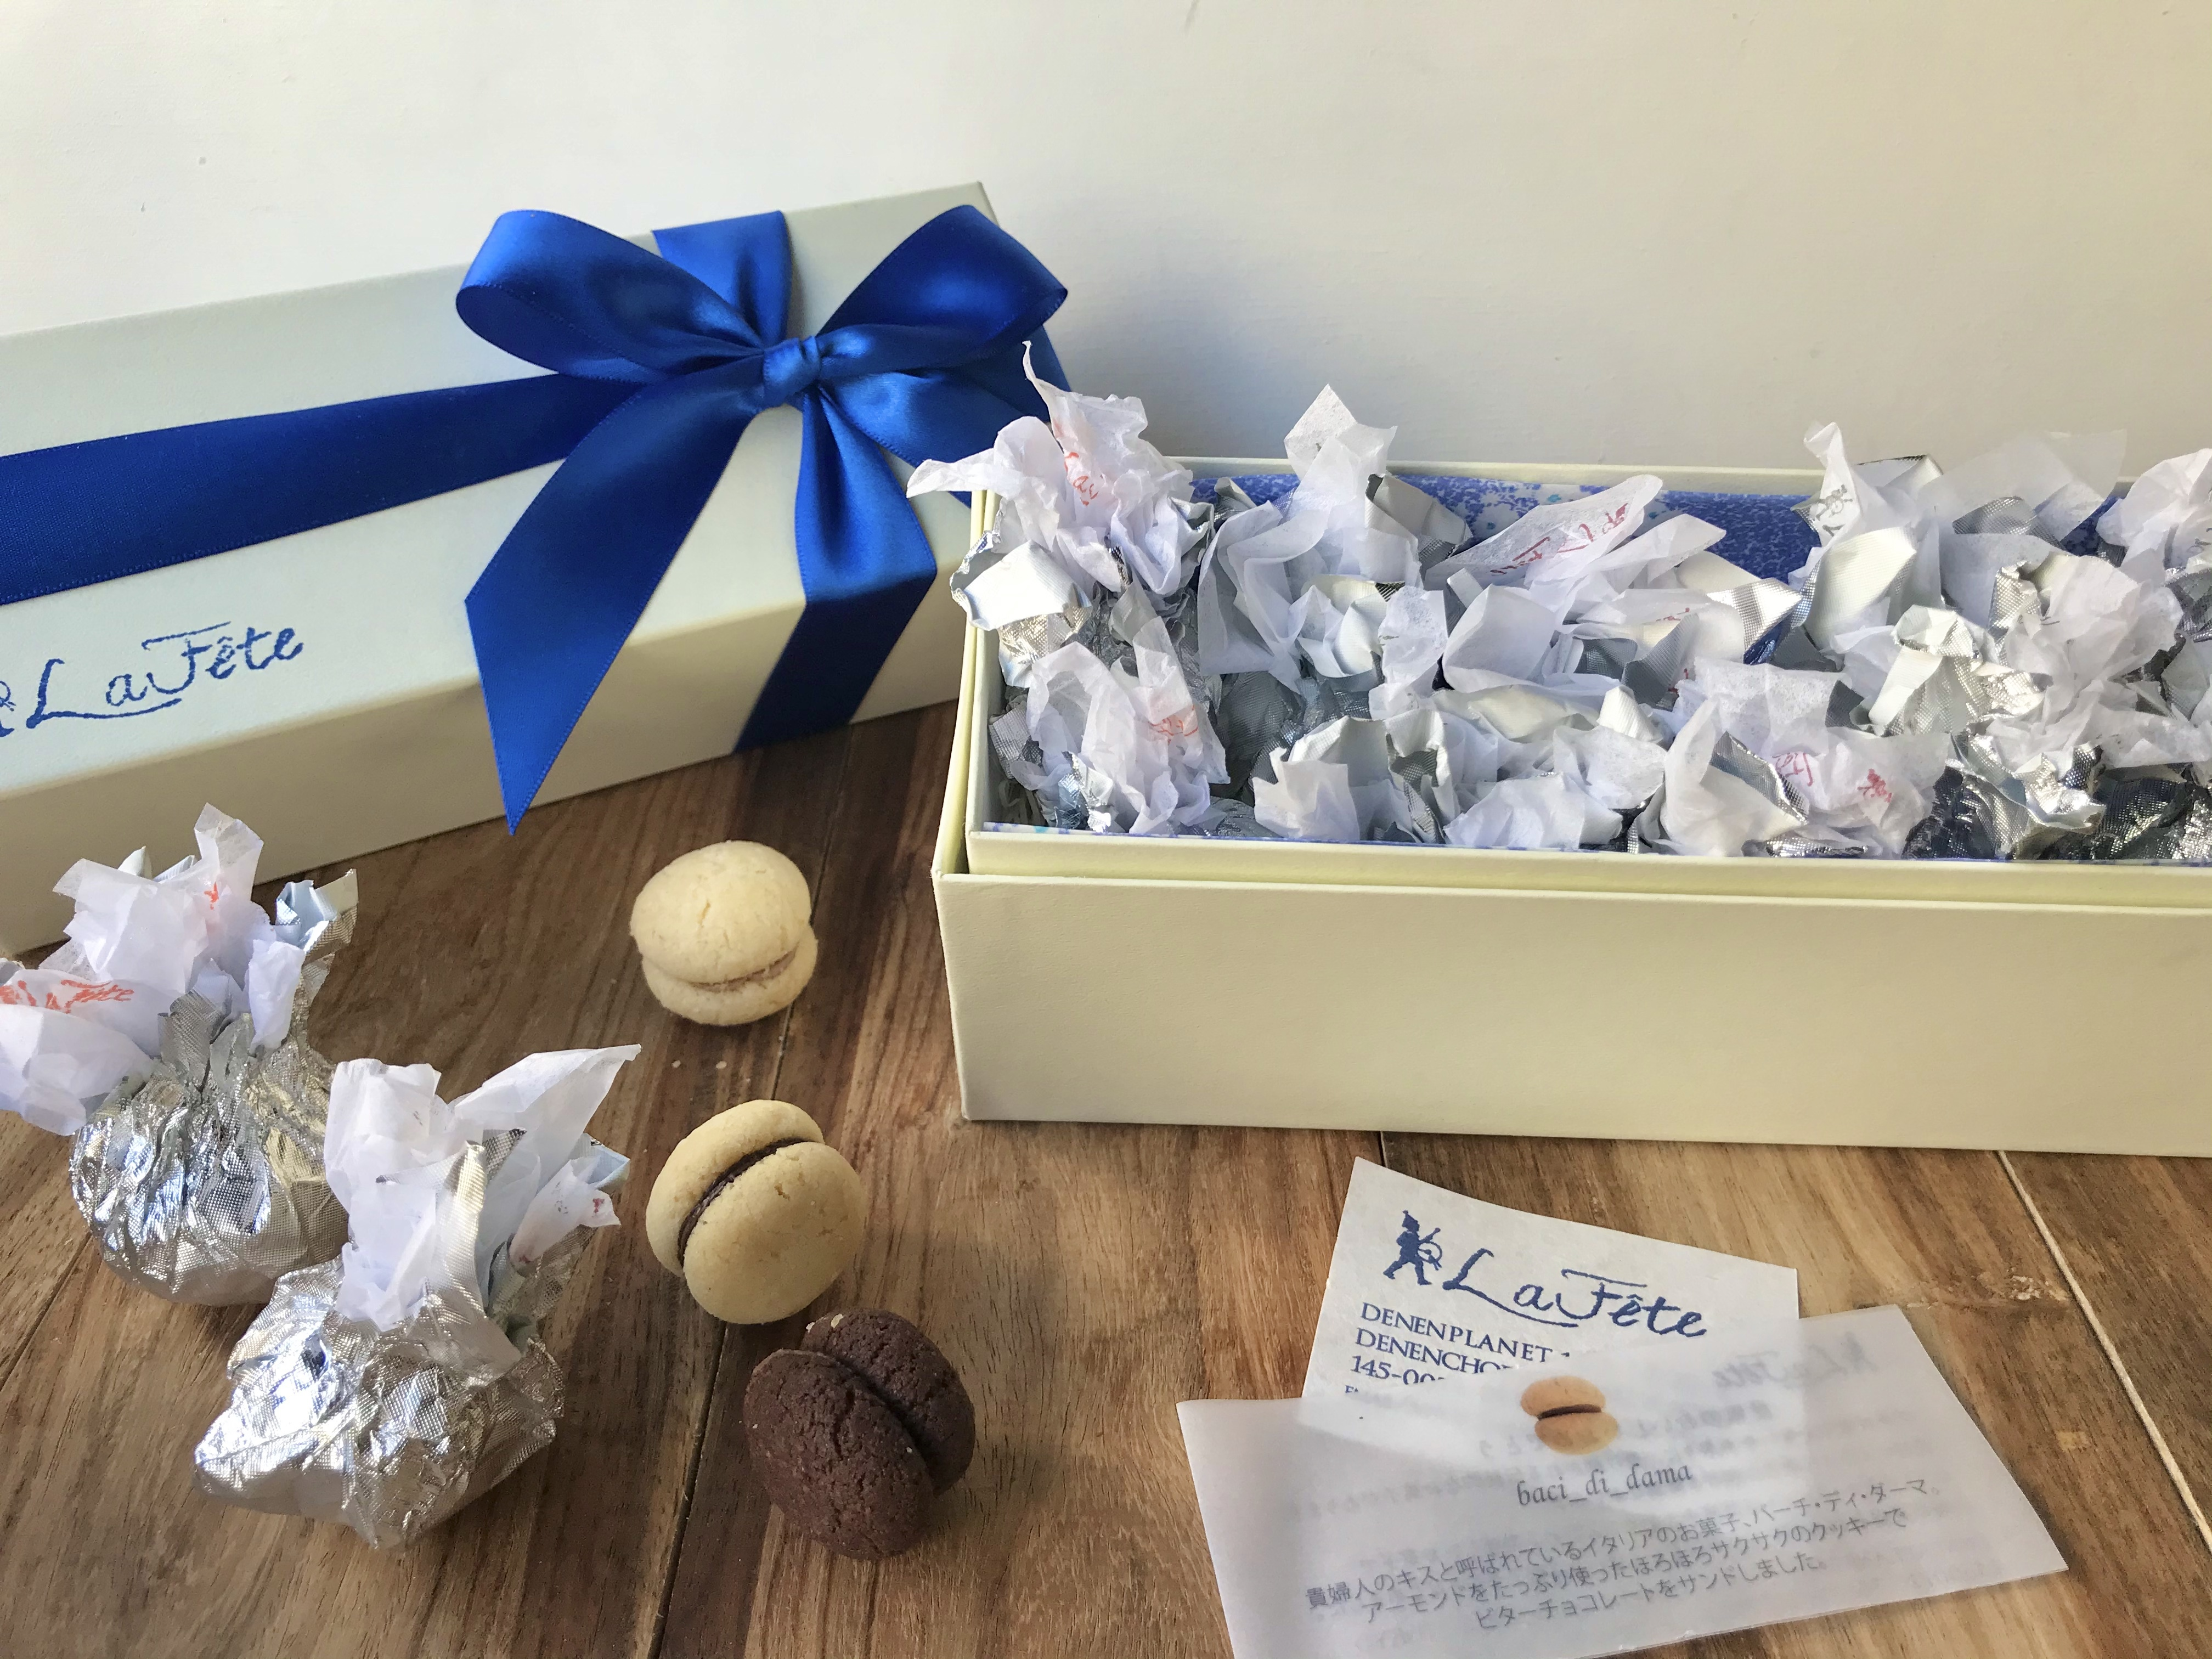 バーチ・ディ・ダーマ アーモンド×ビターチョコレート(イタリア)【10個入り】